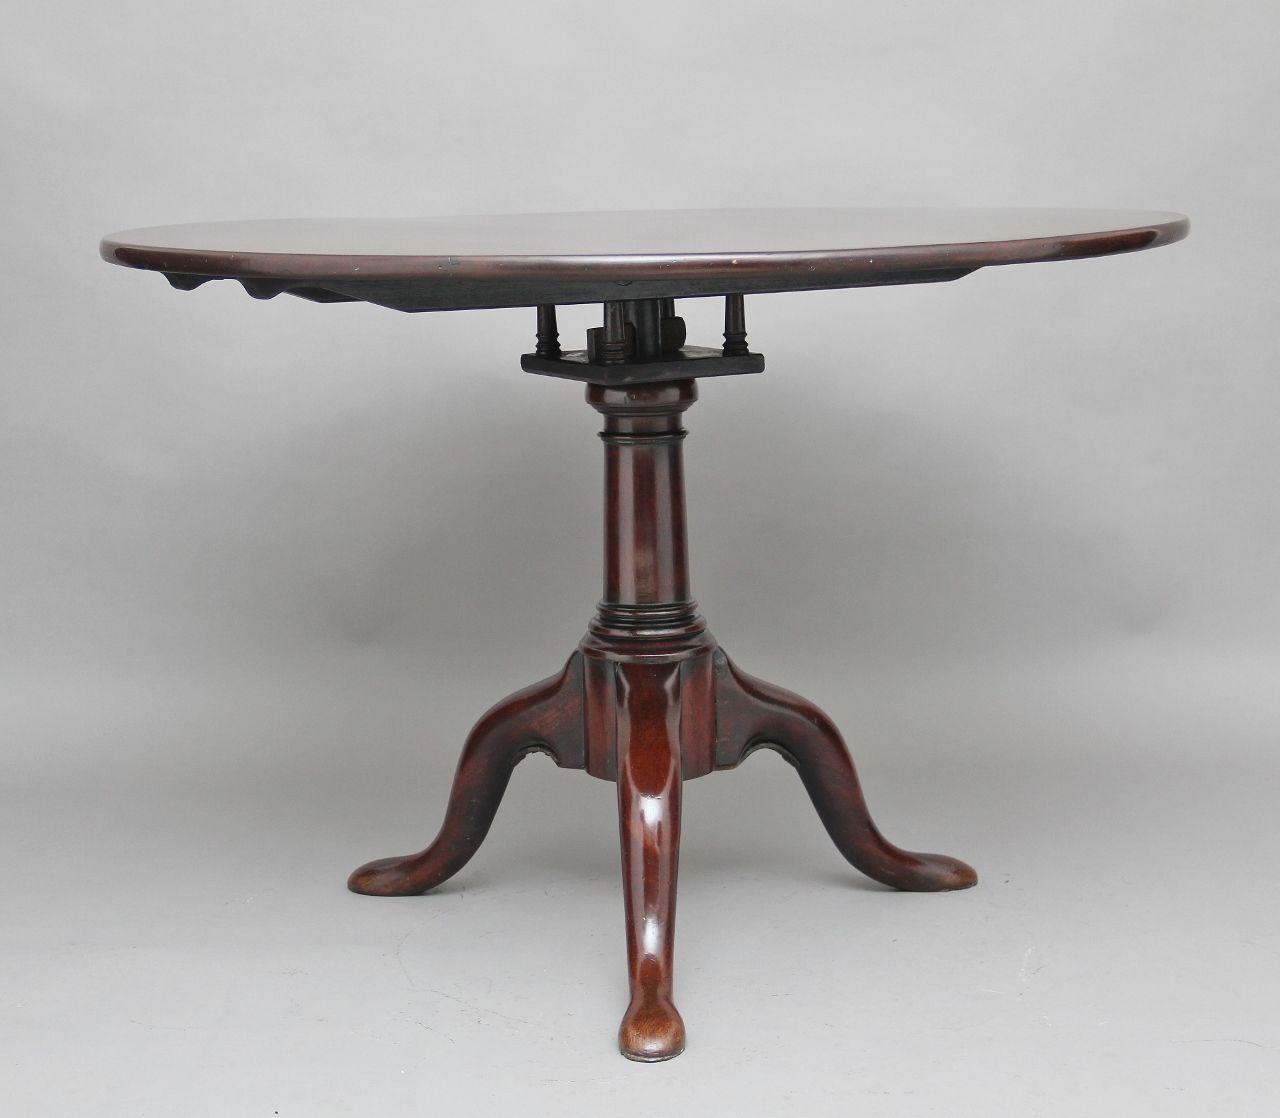 Runde Tische Holz Weisser Runder Esstisch Esstisch Glas 120 X